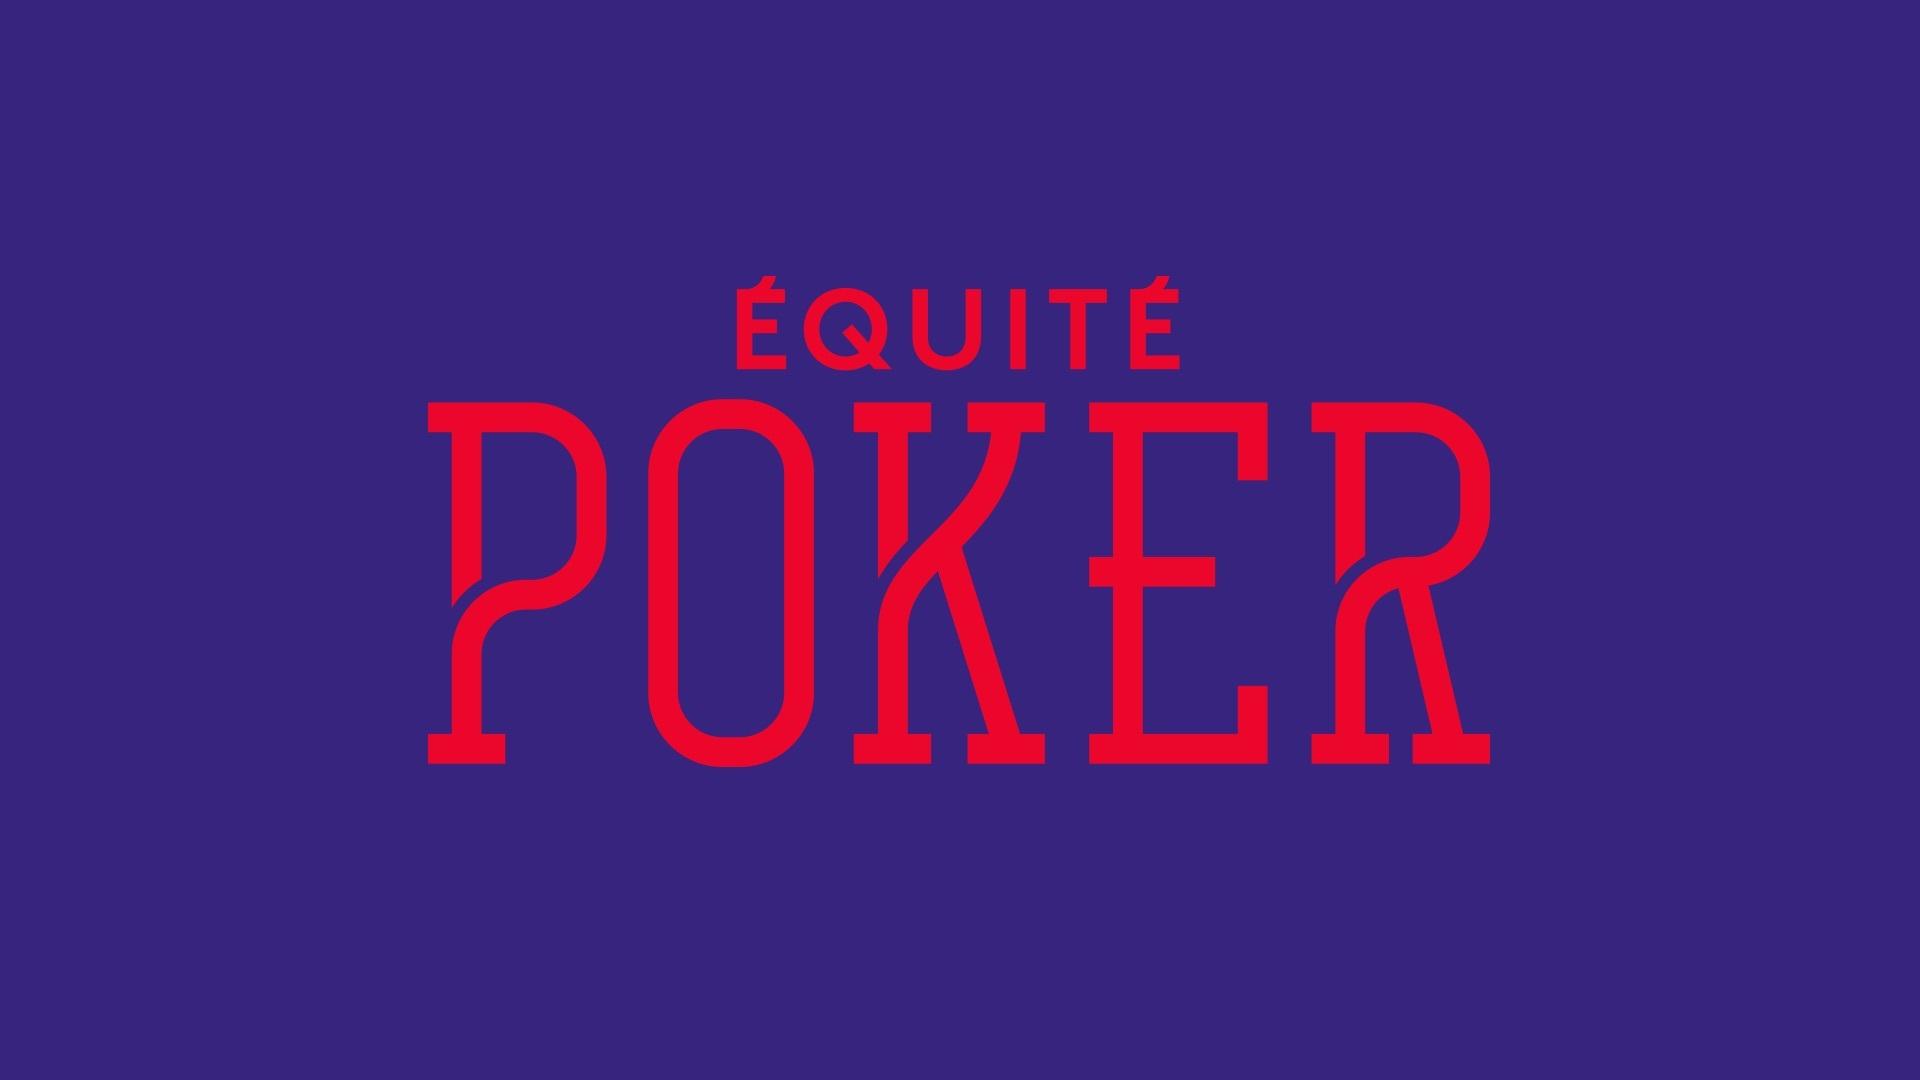 Poker Equite